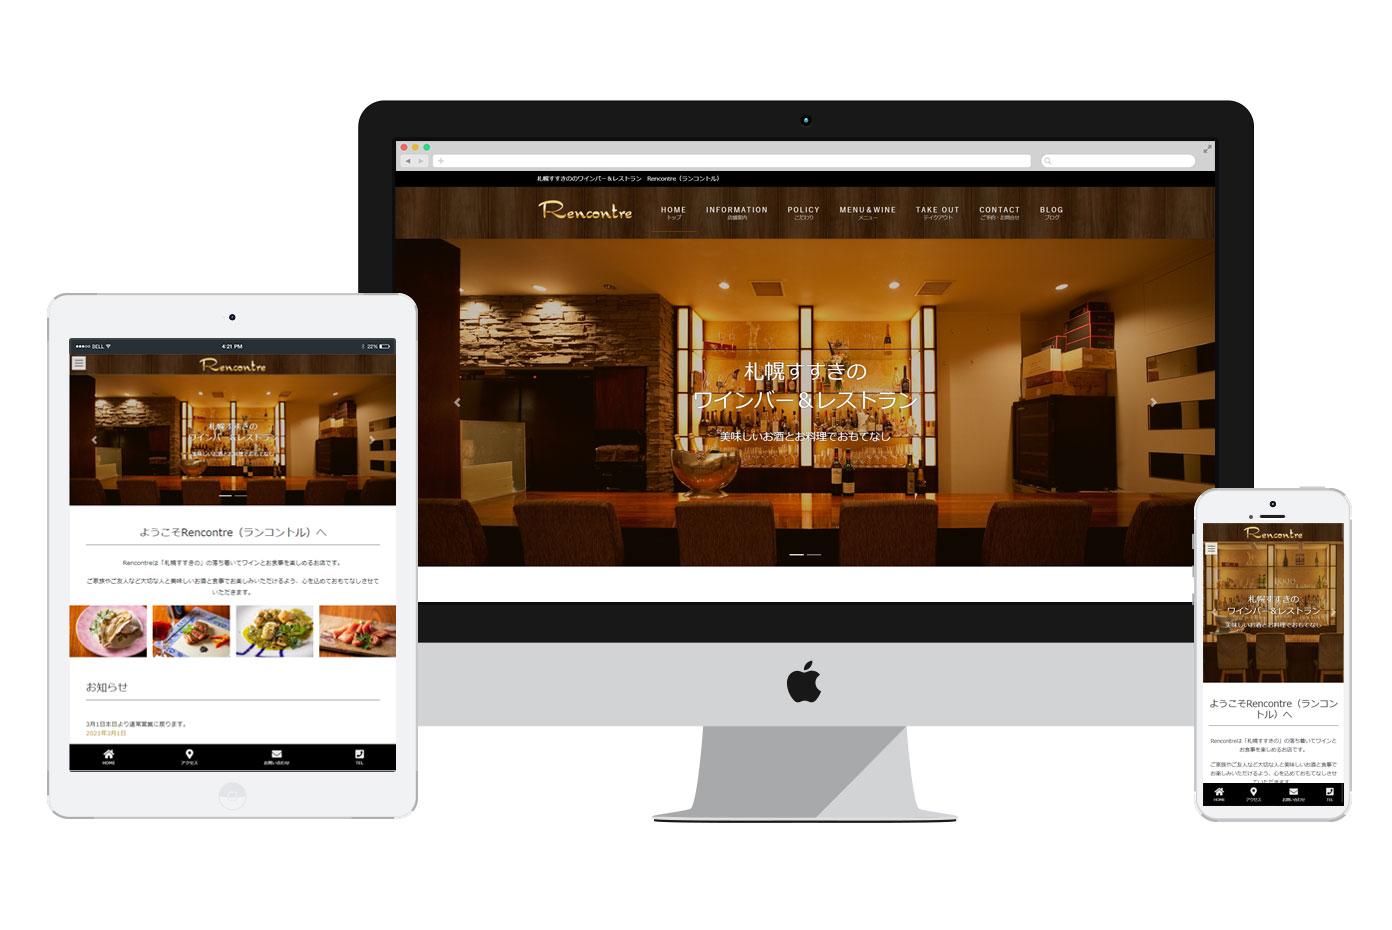 札幌すすきののワインバー&レストラン Rencontre(ランコントル)